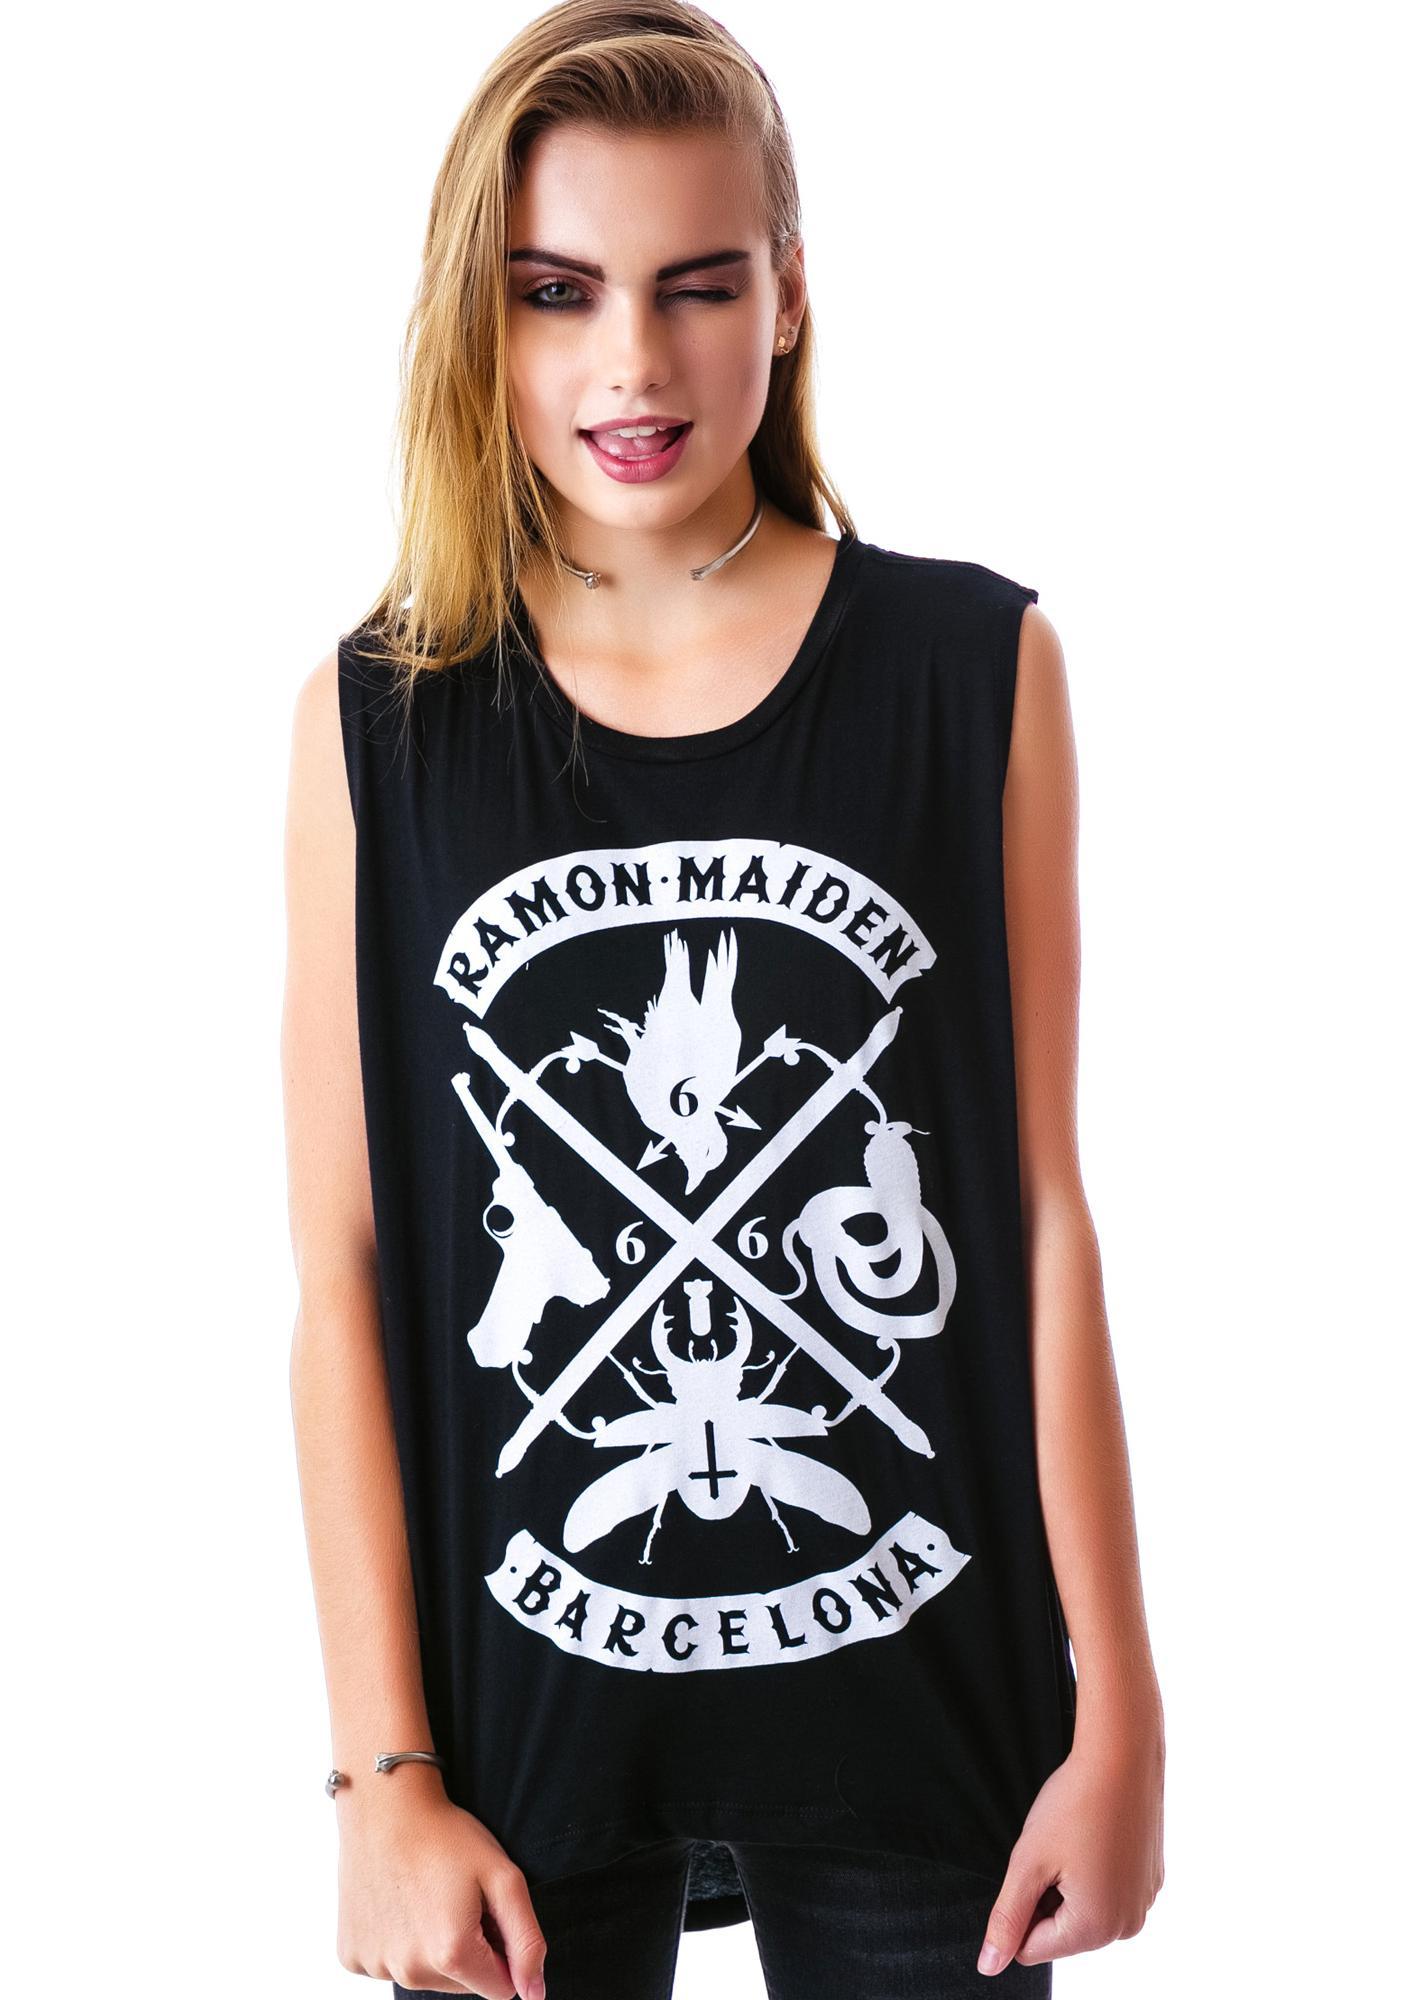 Maiden 666 Tank Top